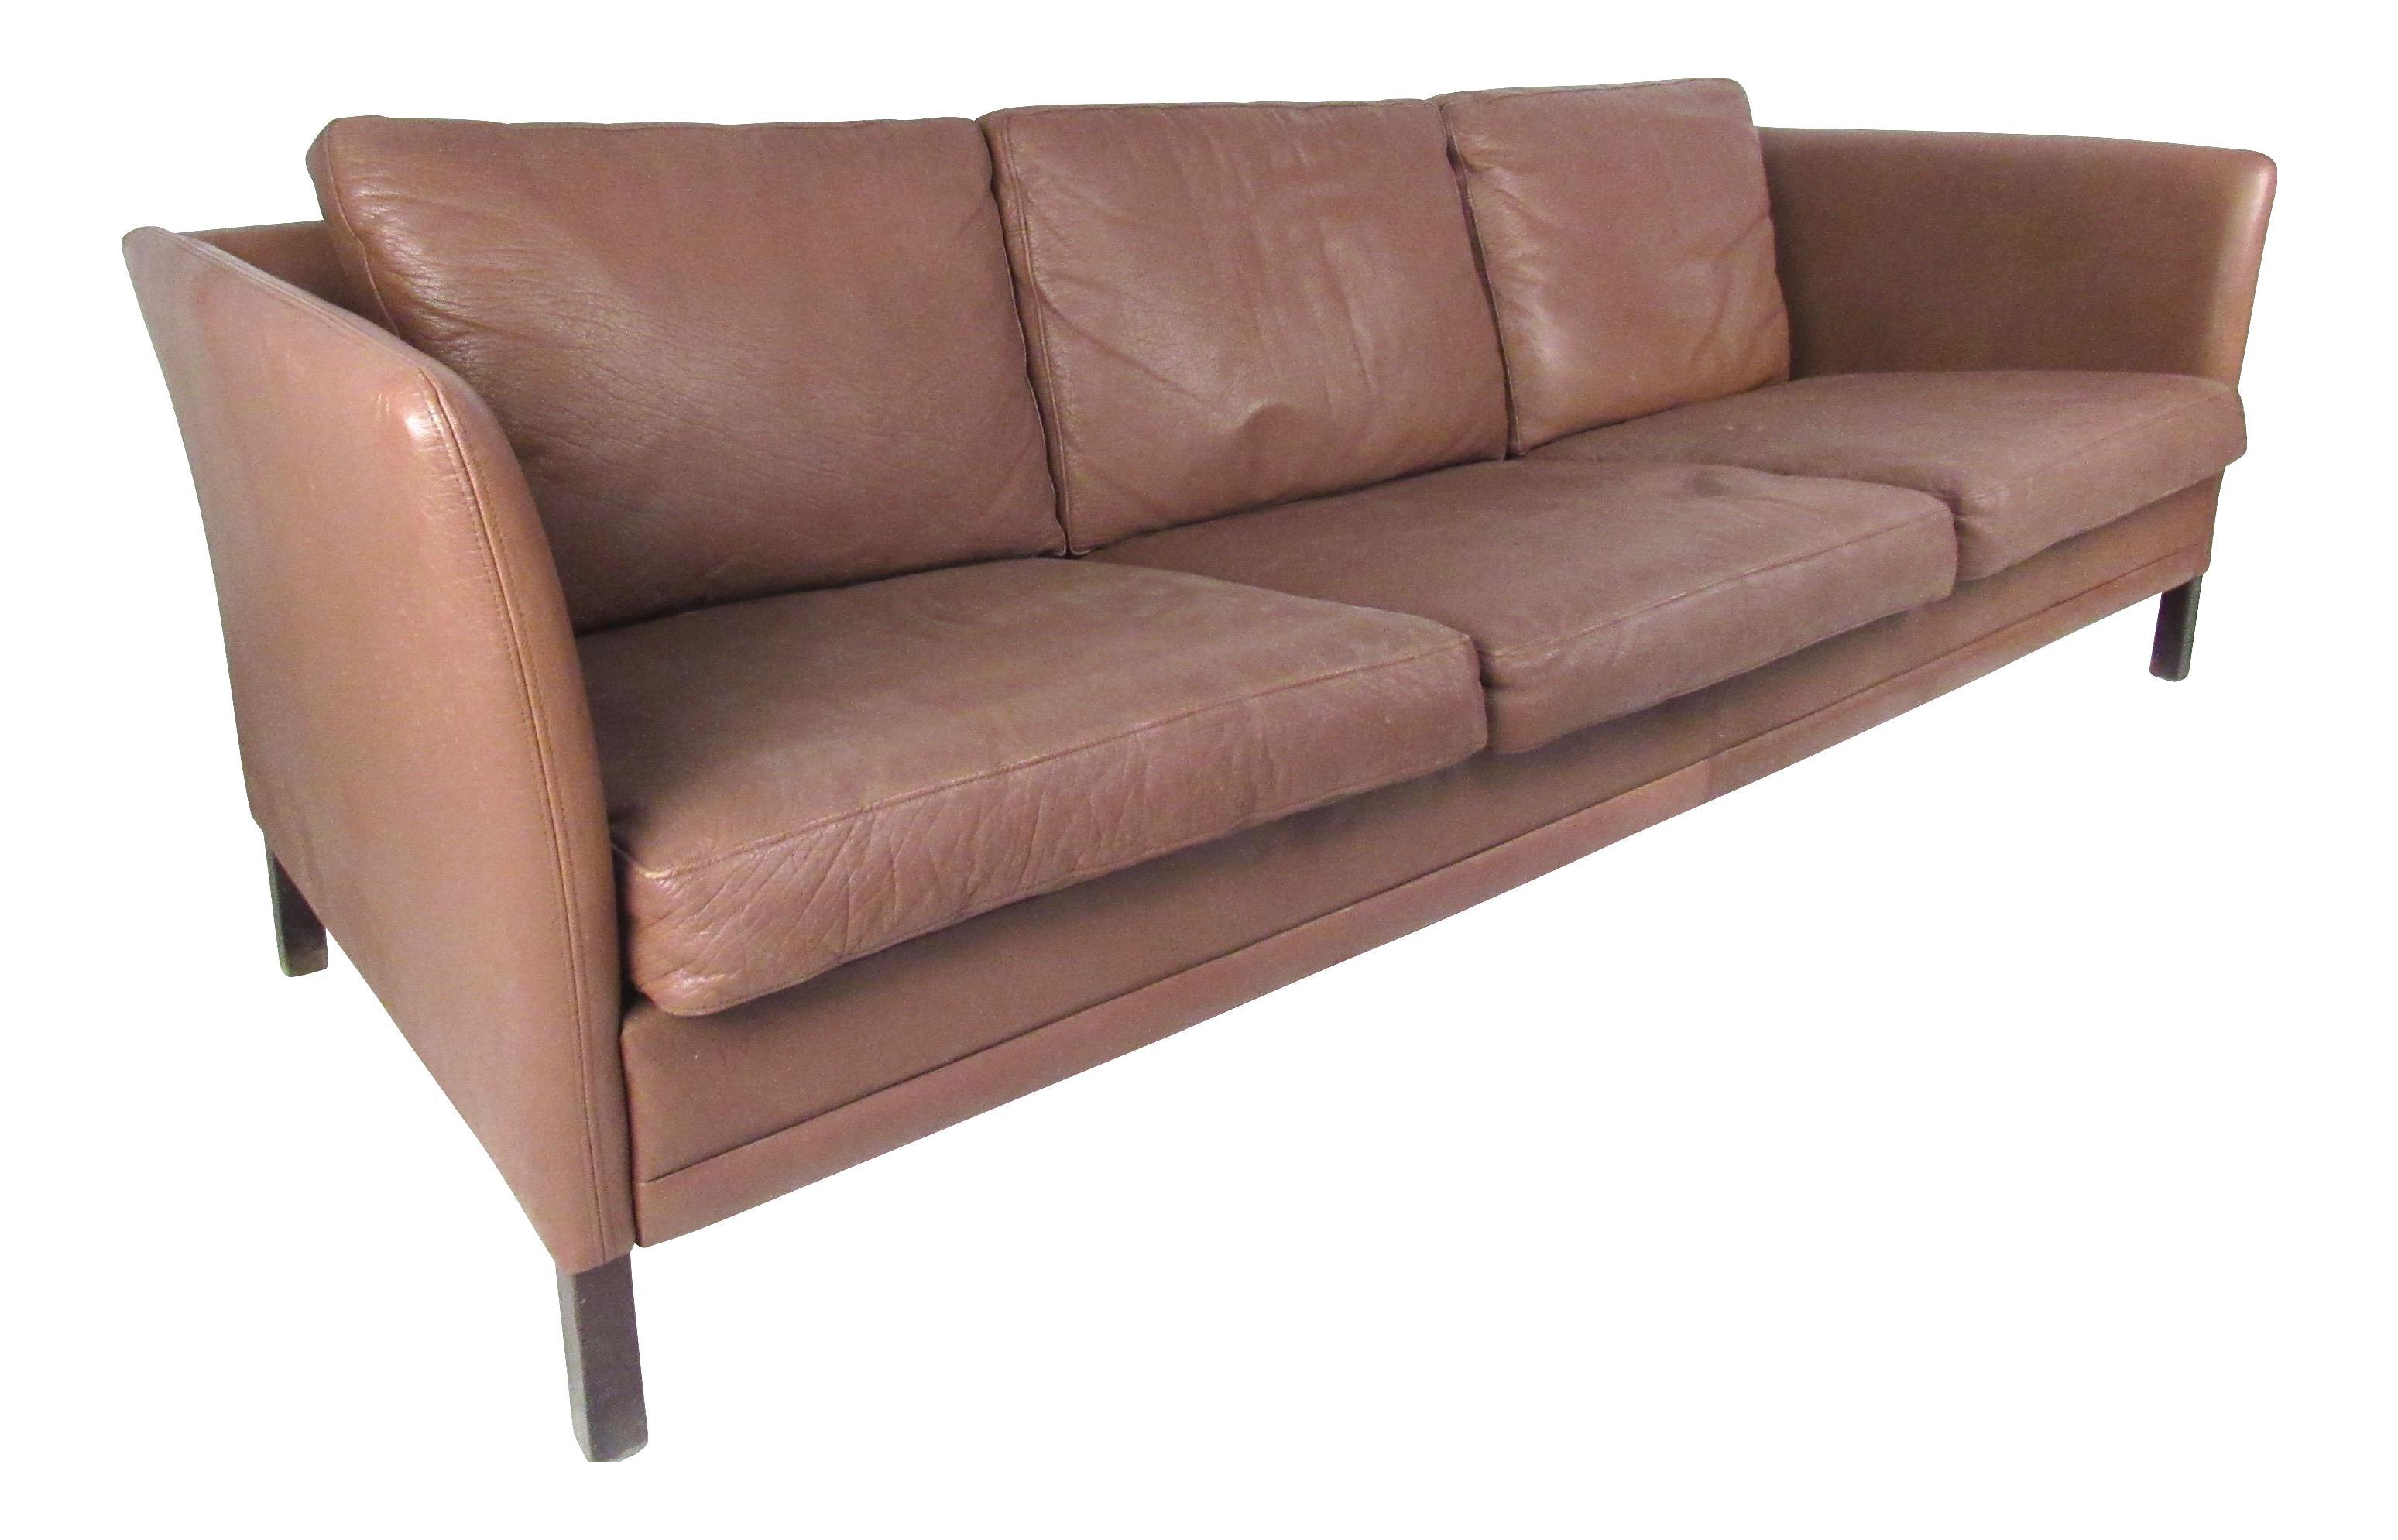 Dunflex Scandinavian Modern Leather Sofa